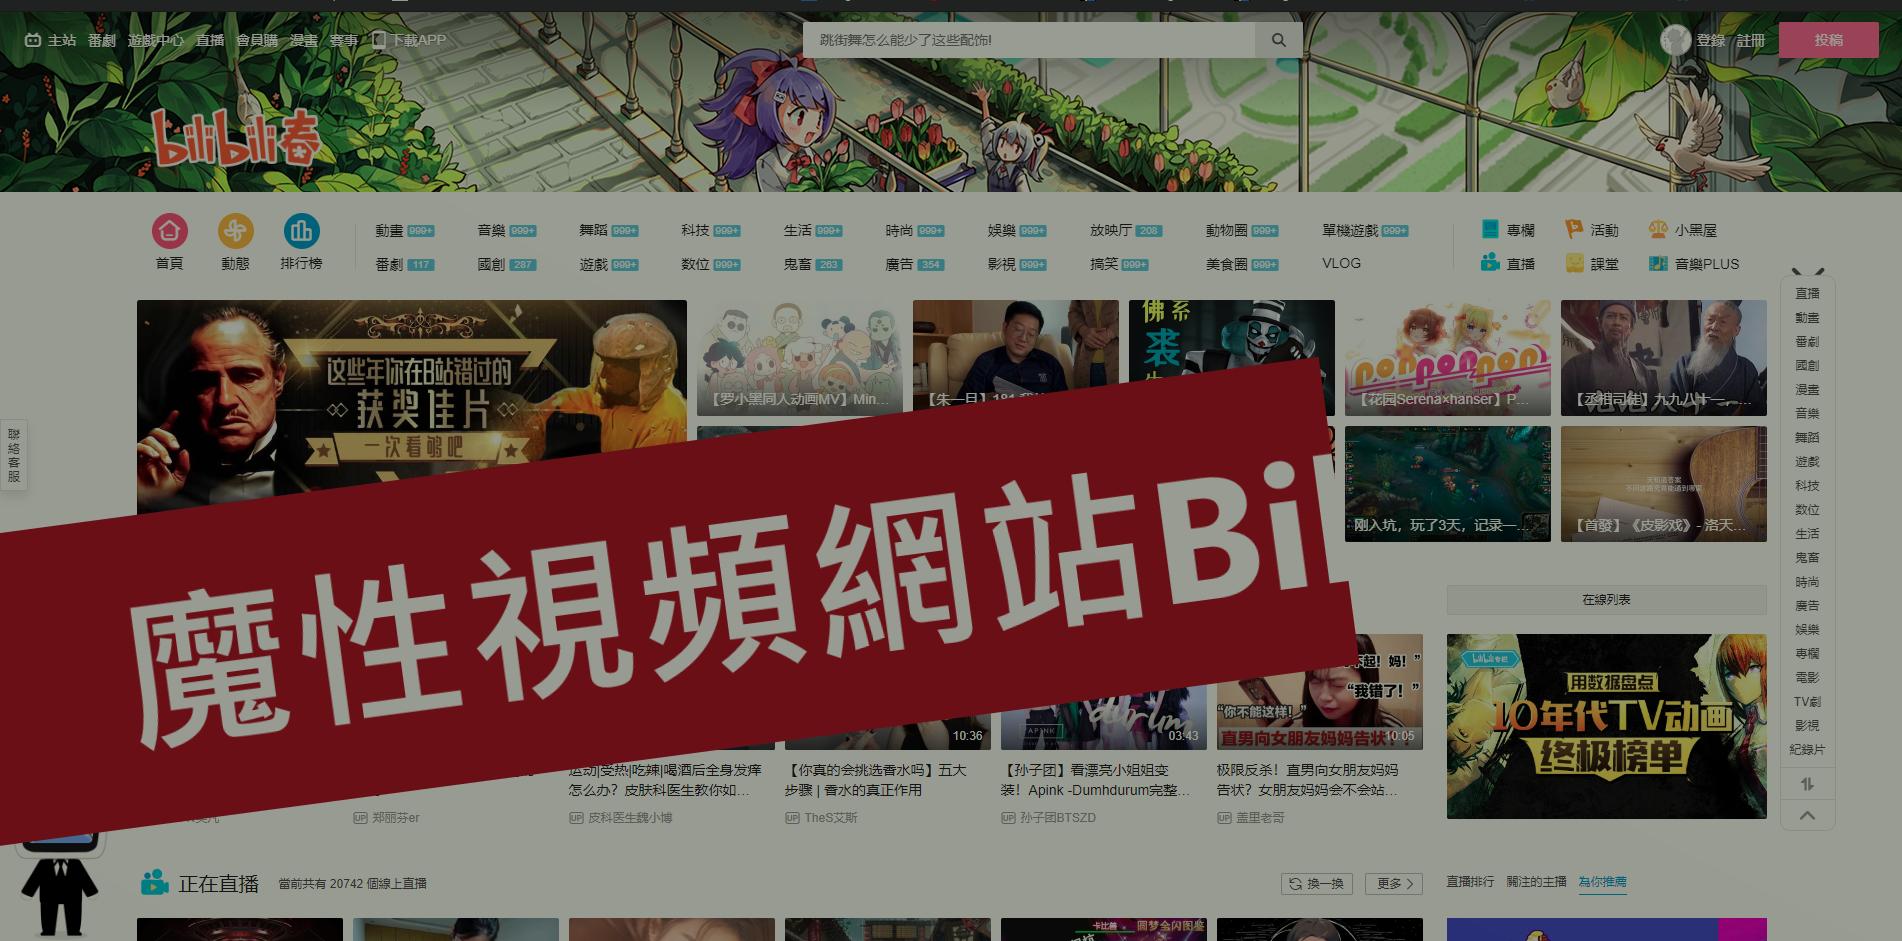 B站是什麼?中國最多年輕人聚集的影音網站